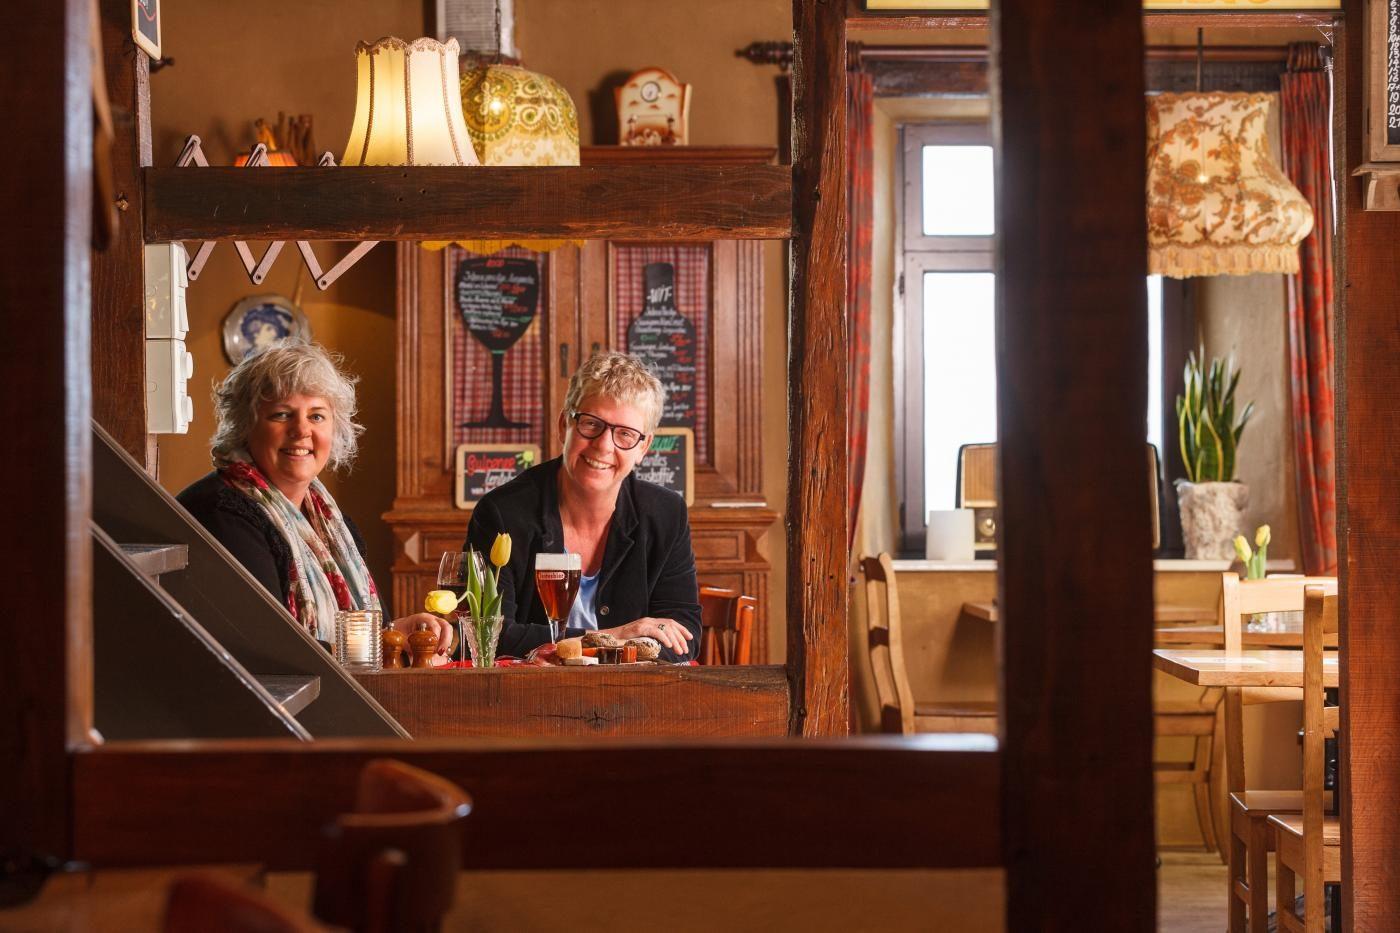 Bie de Tantes Moniek Krul Iet de Beer Horecare Personeel Payrolling Events Maastricht Limburg